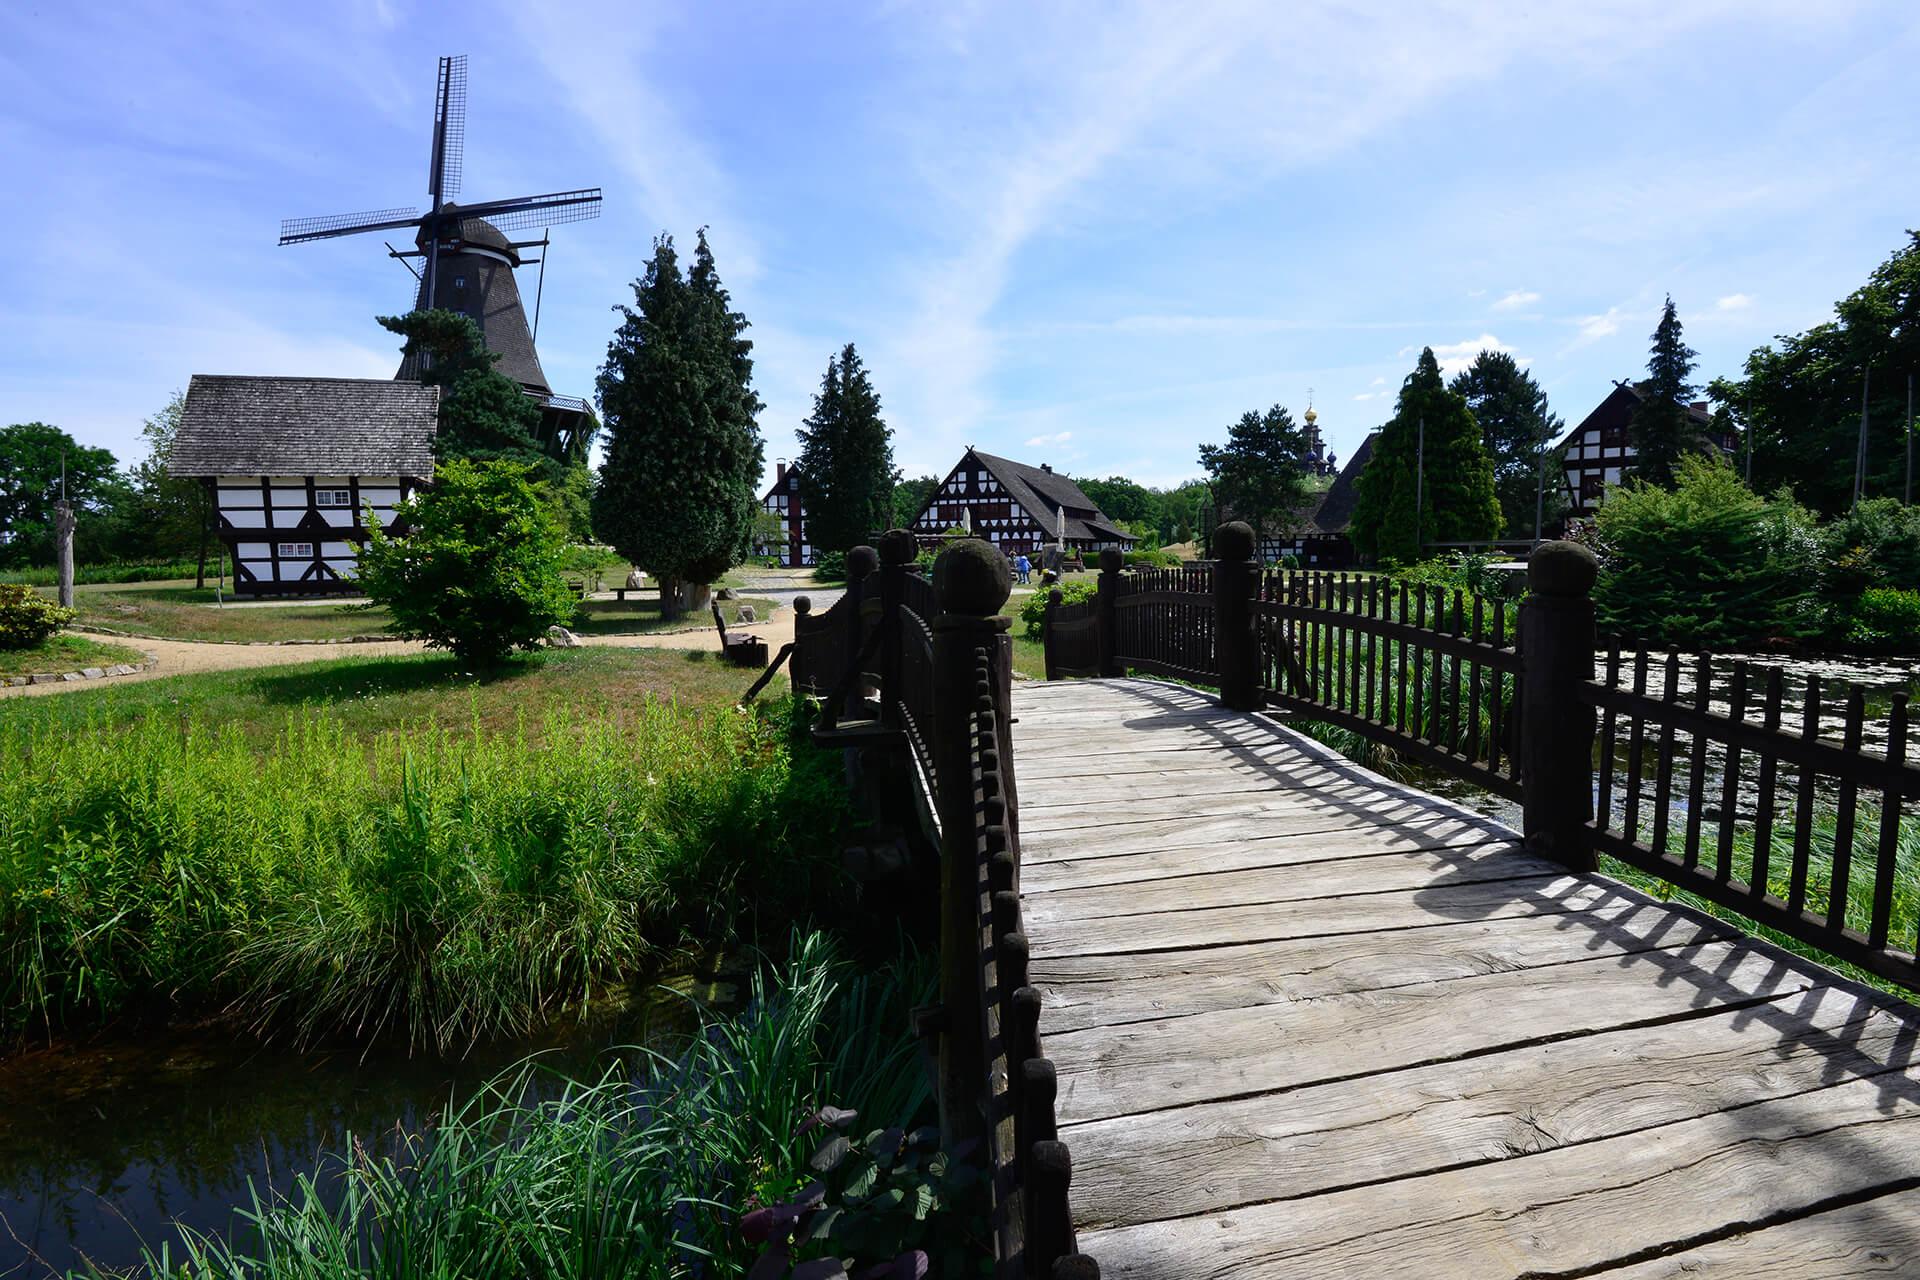 Blick auf den Dorfplatz im Mühlenmuseum